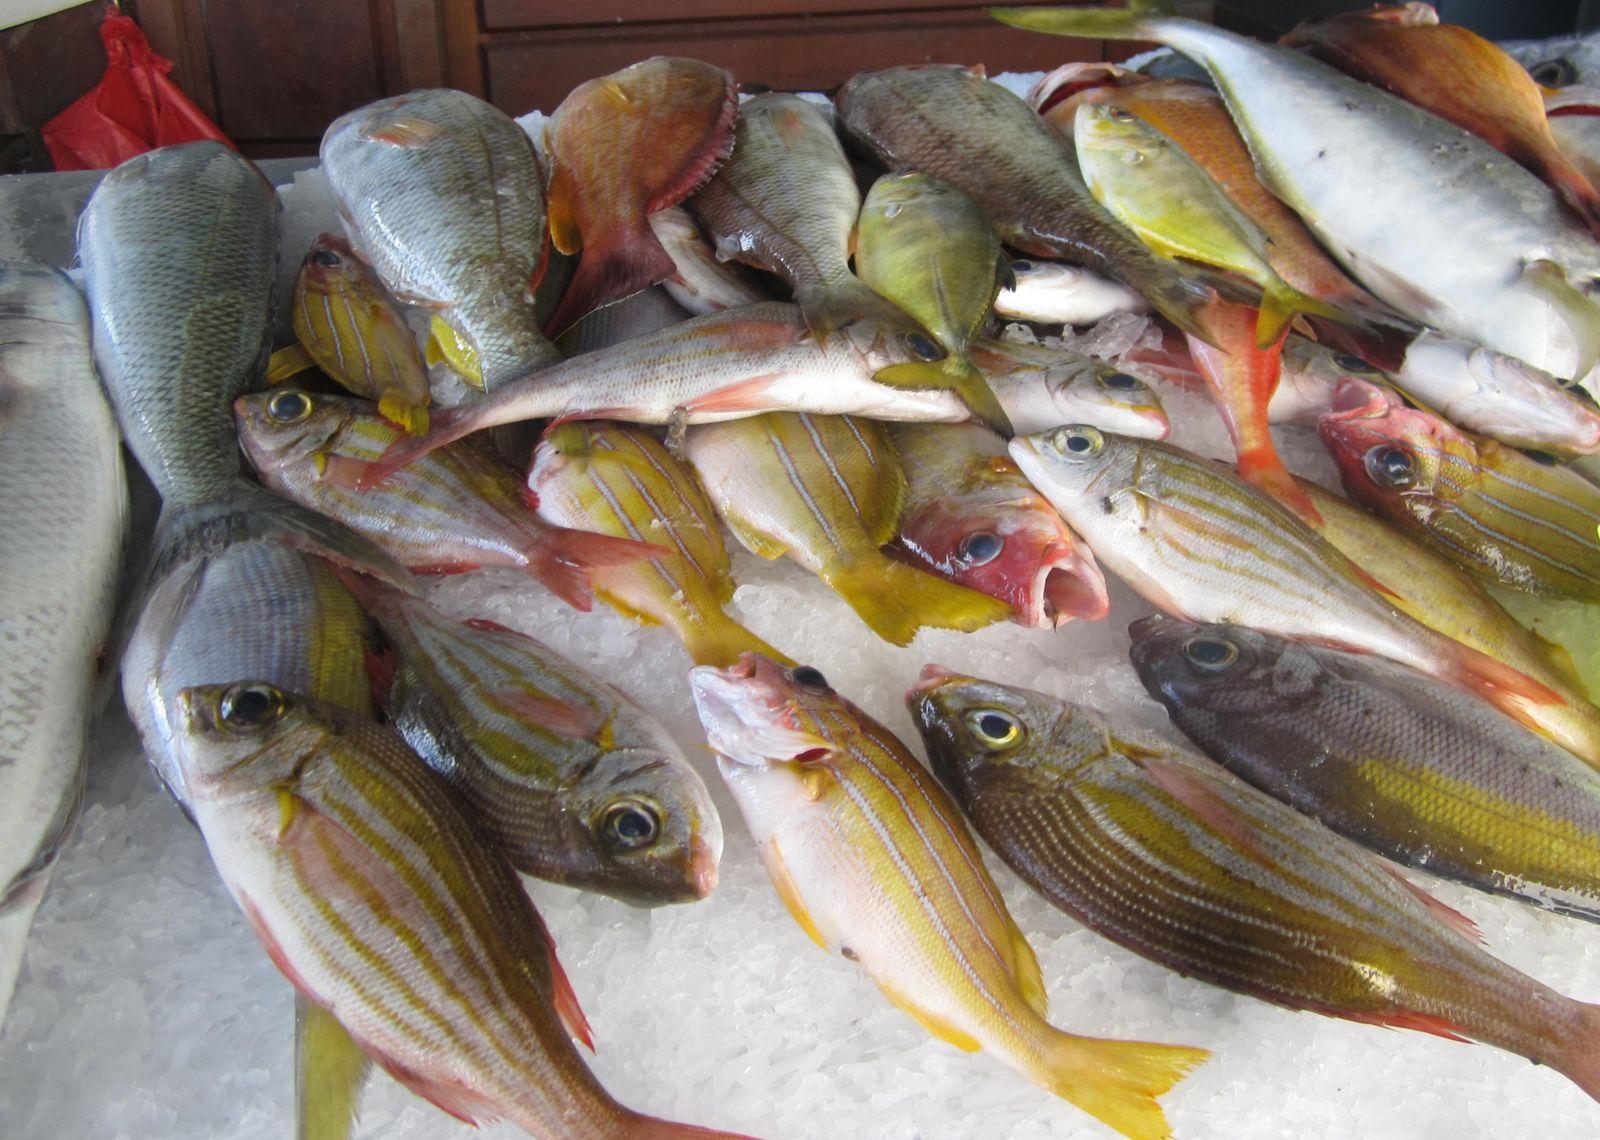 Poissons multicolores : vivanneaux , espadon, poissons pintade et thon.